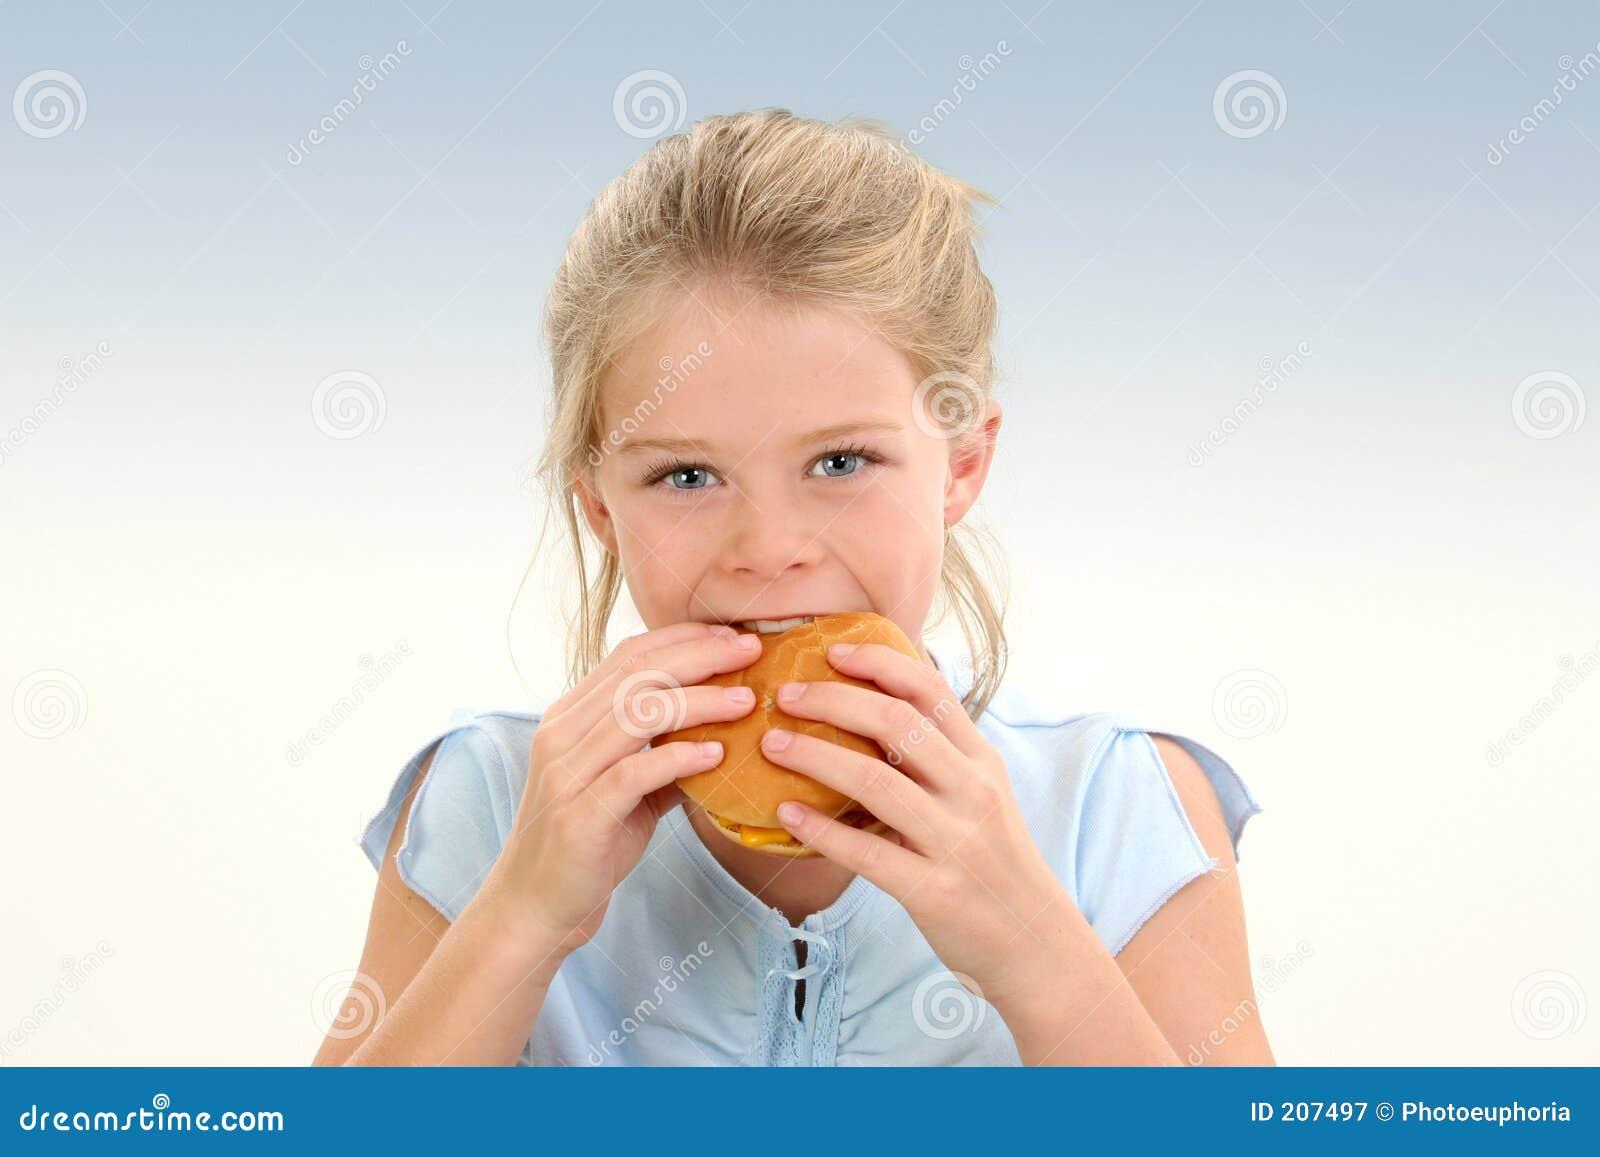 Hobbyhure Essen